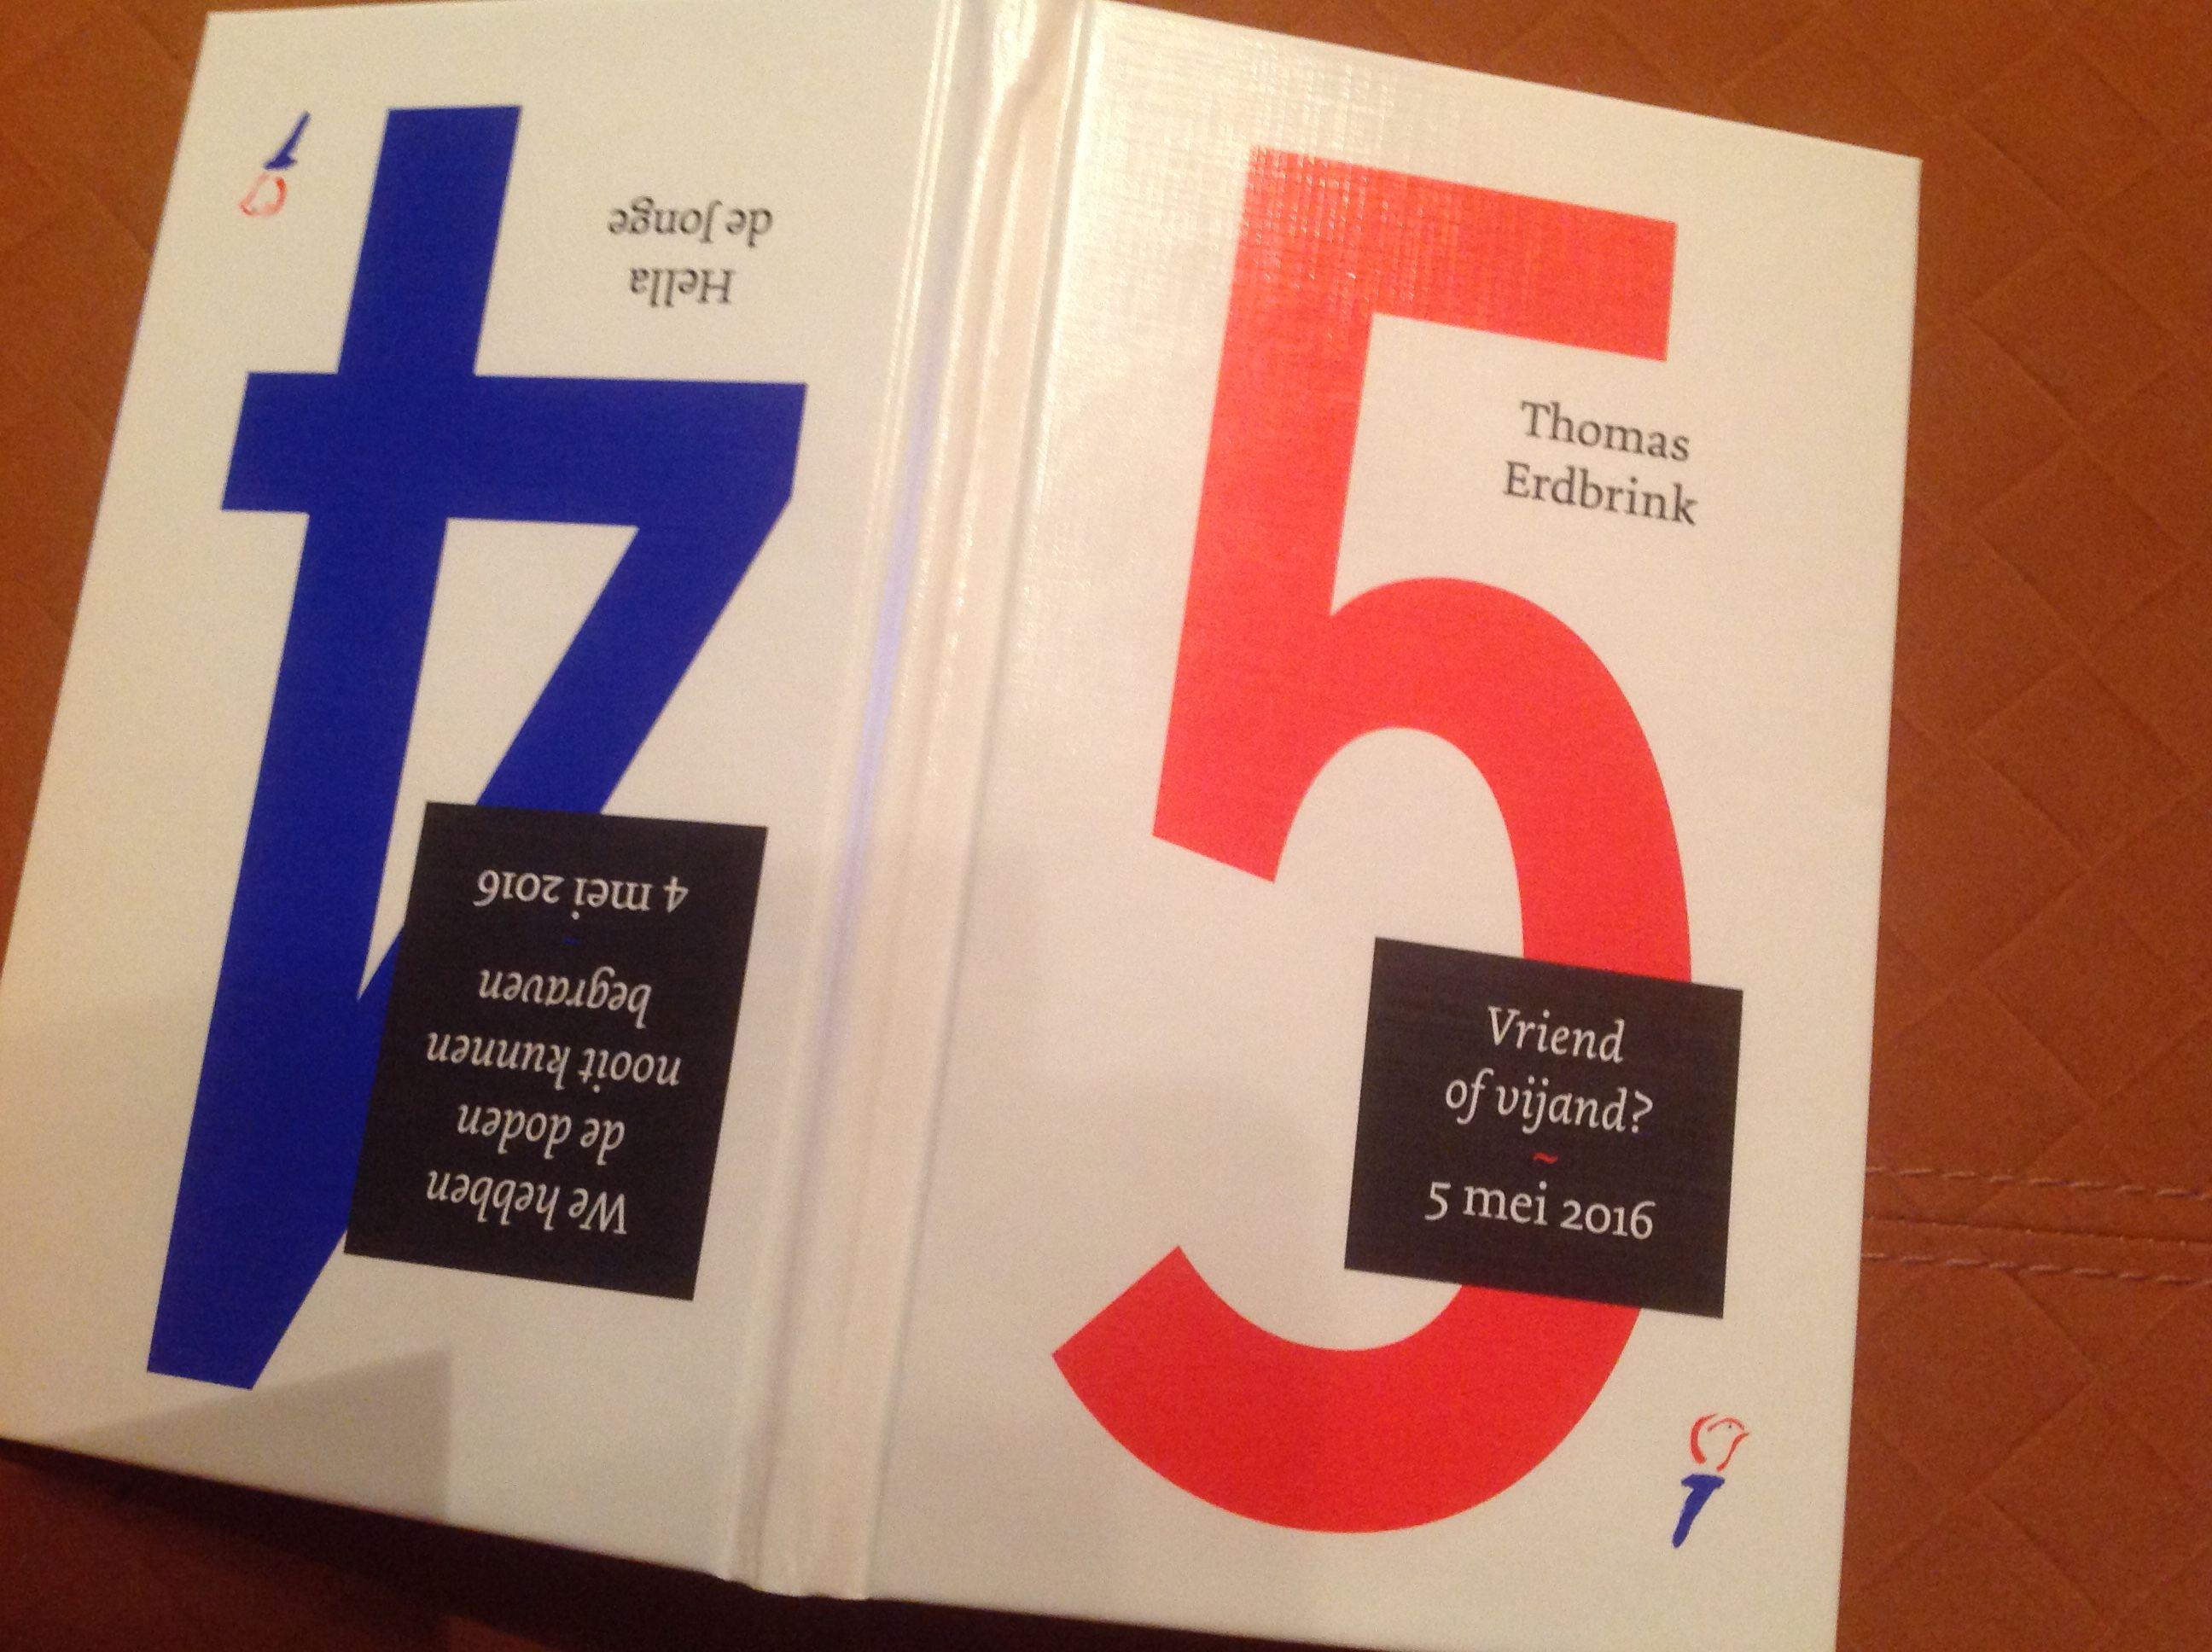 17/53 beide lezingen de moeite waard van lezen. Herdenken en vrijheid horen bij elkaar.